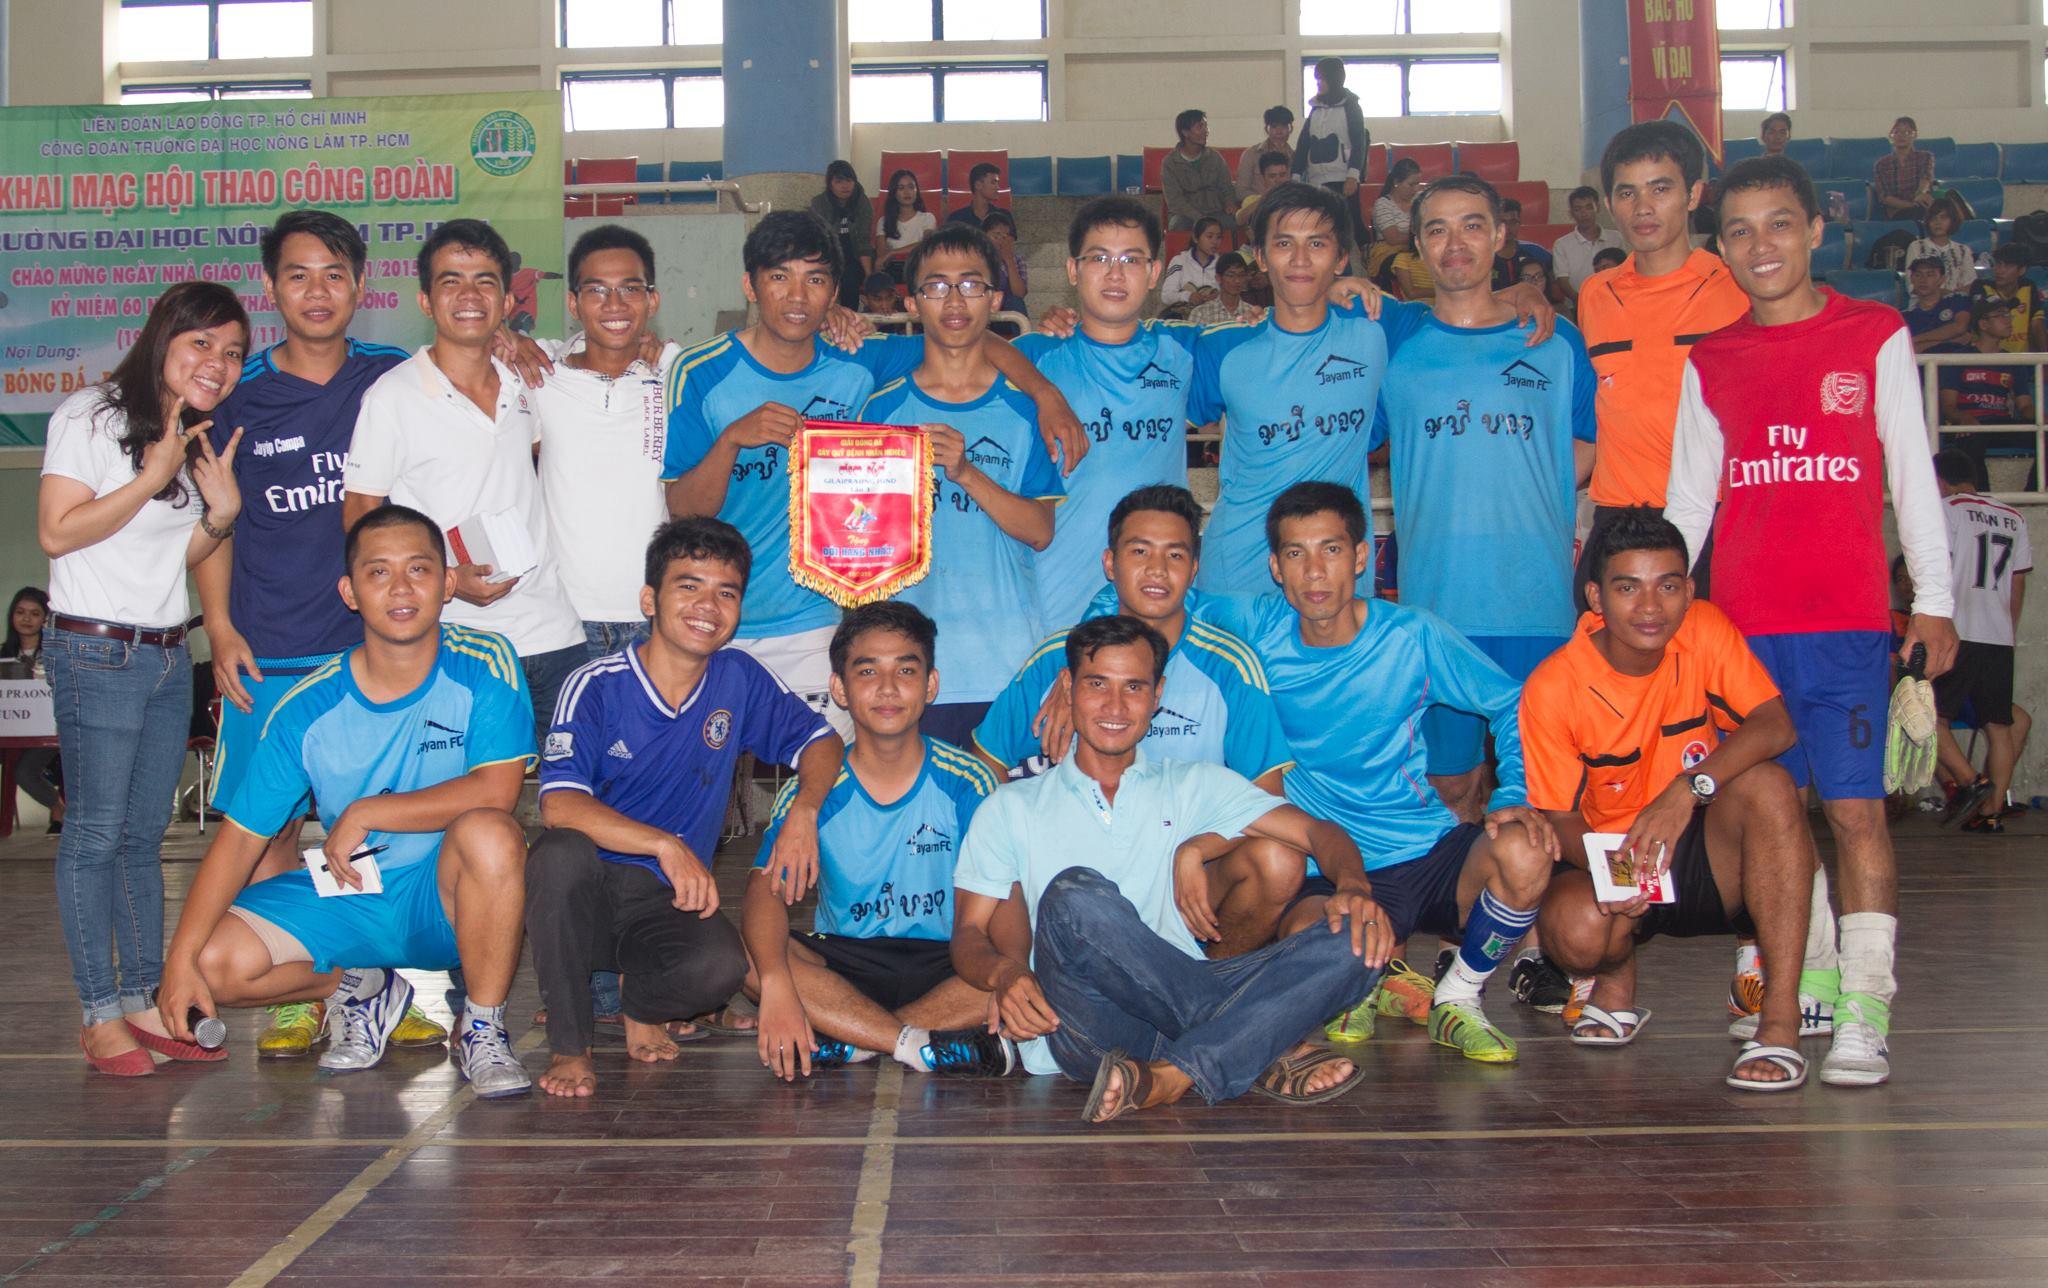 Đội vô địch: Jayam FC